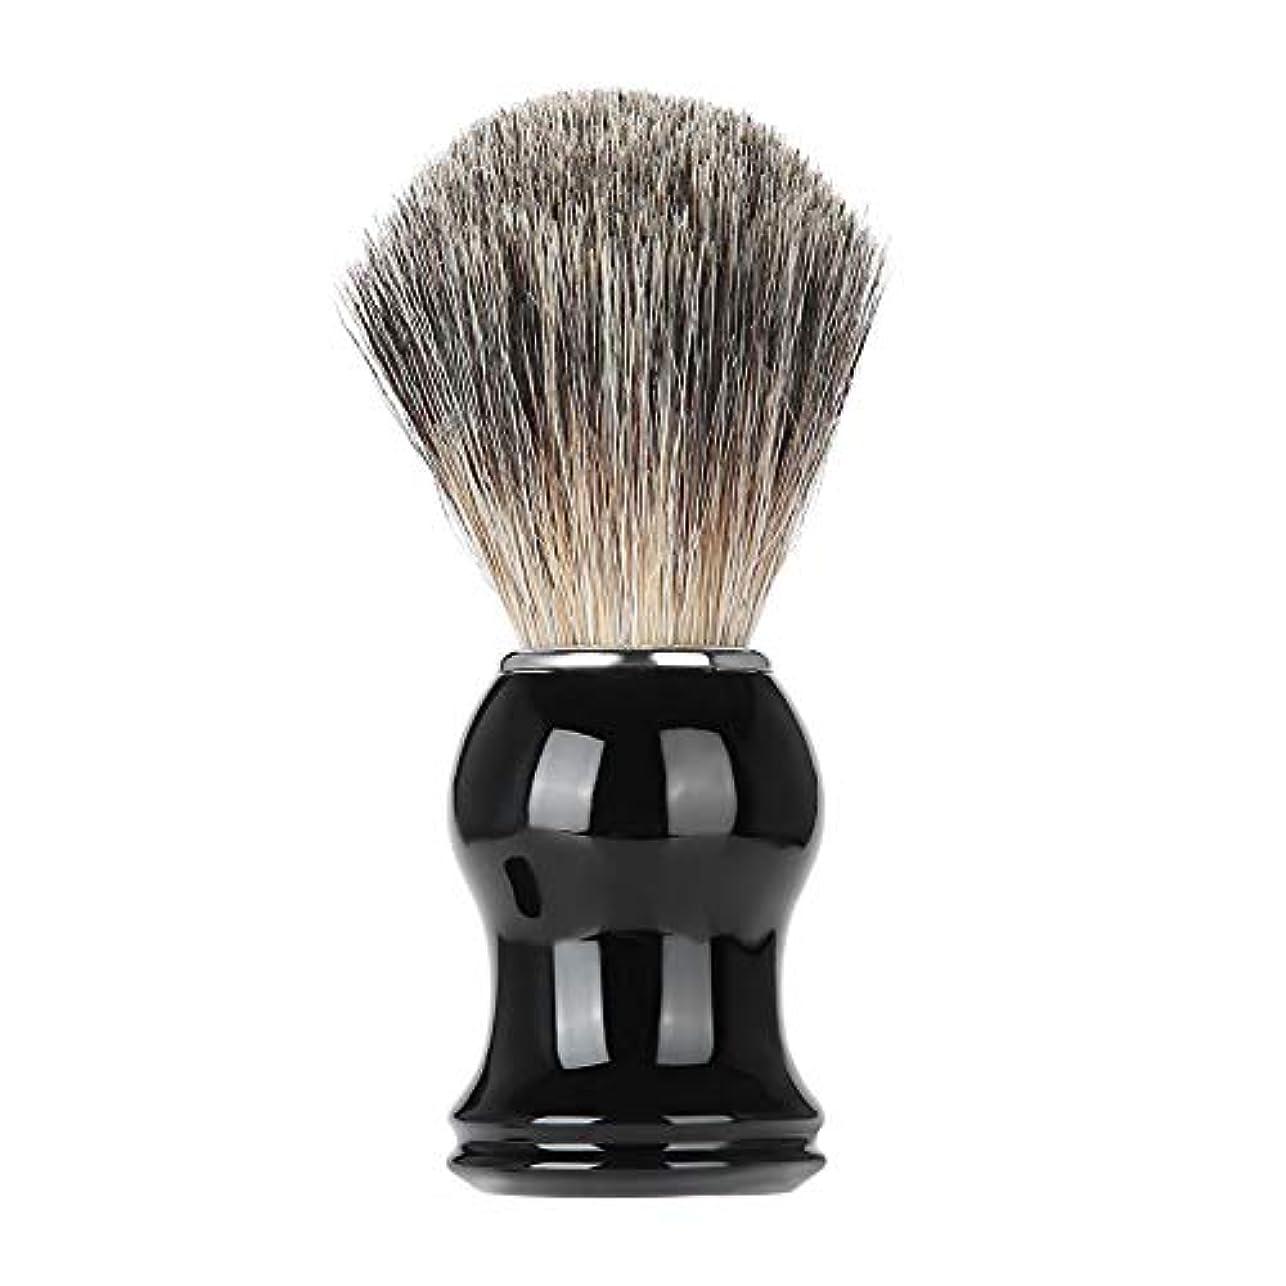 運営ルネッサンスお客様Nitrip シェービングブラシ ひげブラシ ひげケア アナグマ毛 理容 洗顔 髭剃り 泡立ち シェービング用アクセサリー 男性用 高級